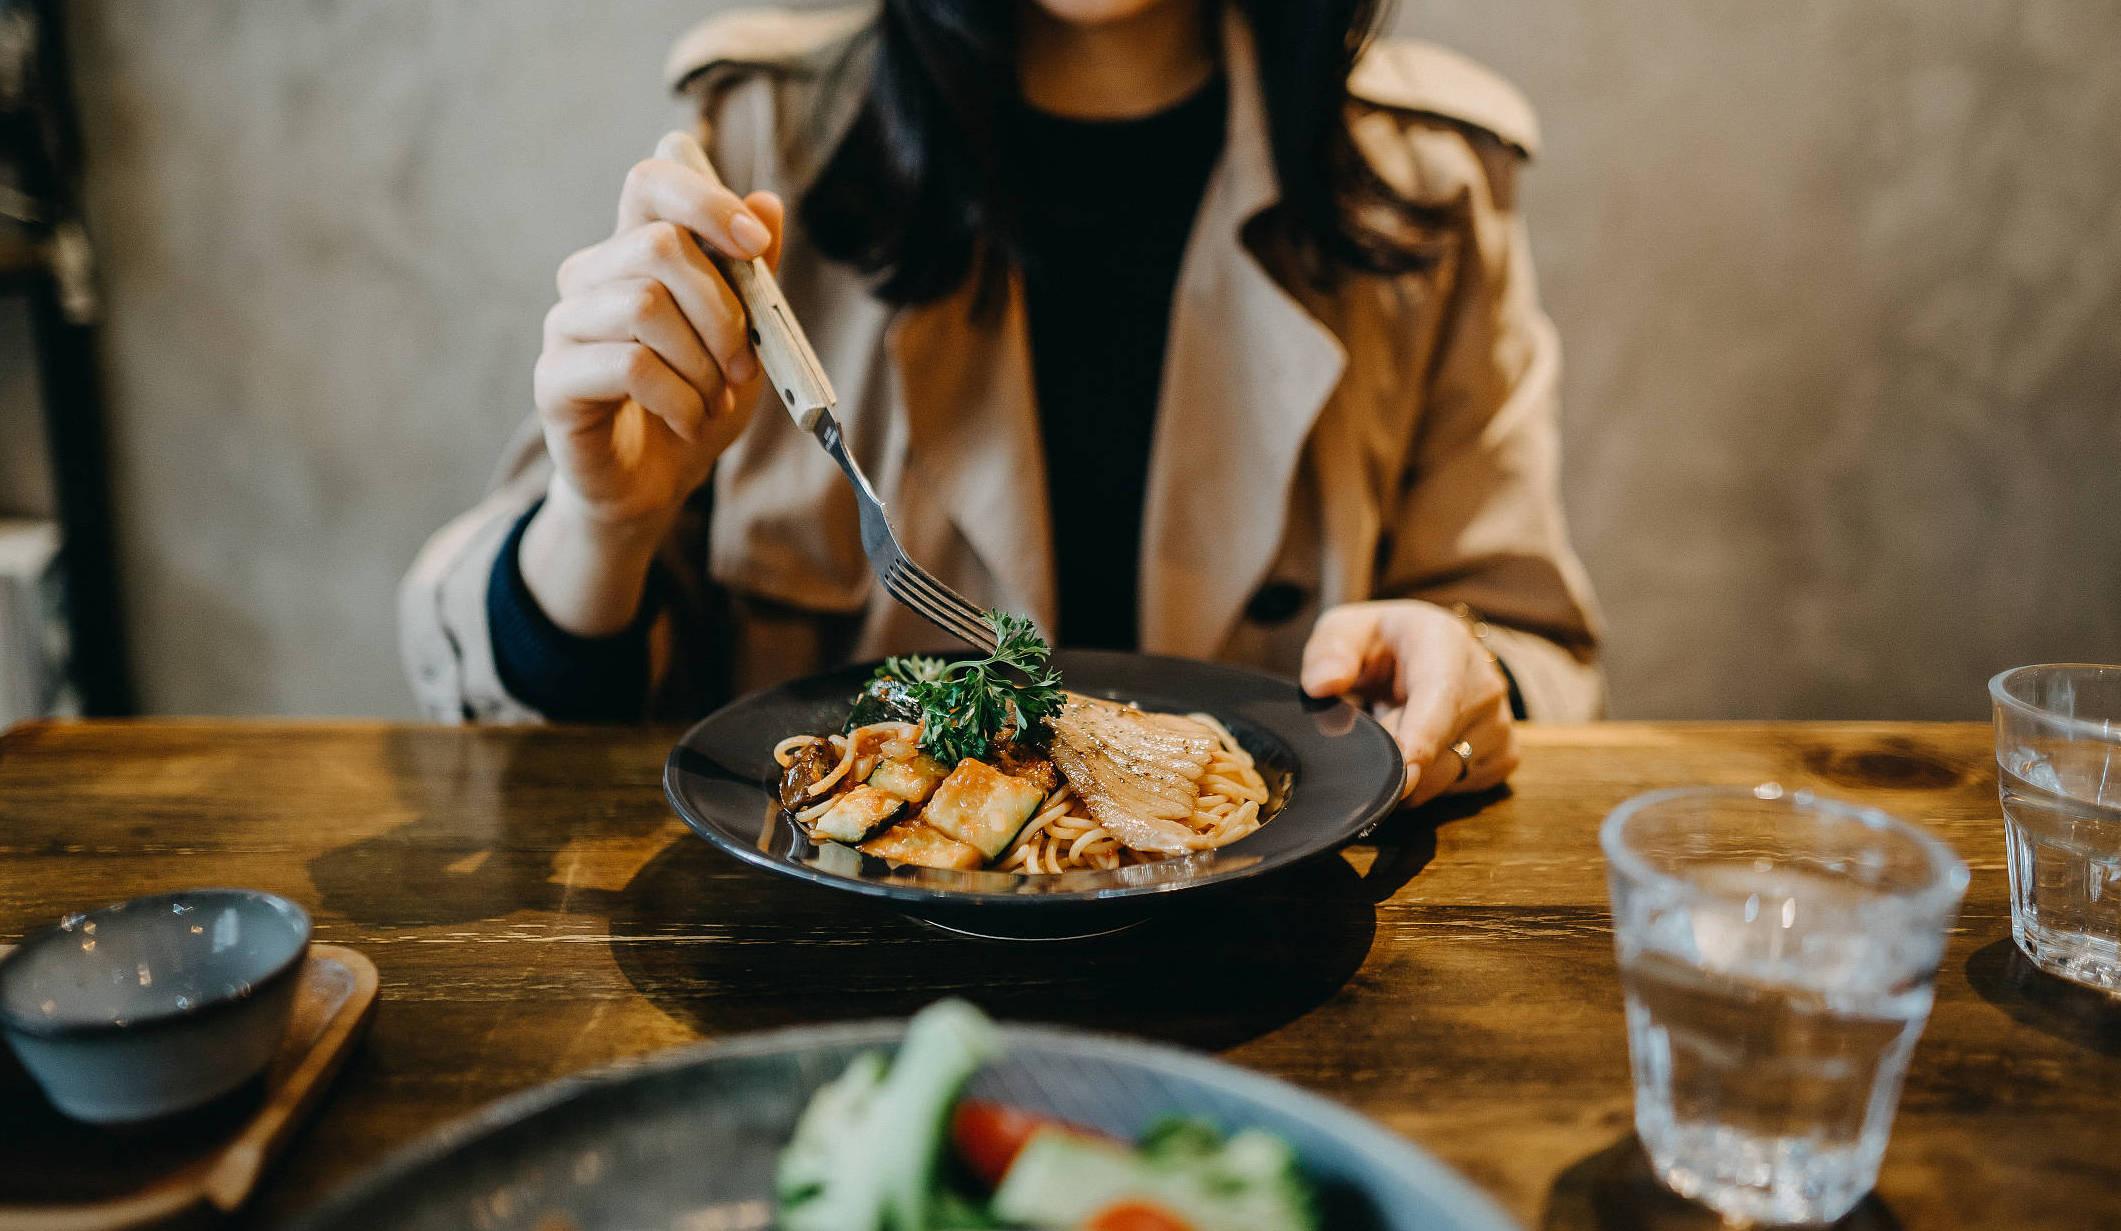 八个错误饮食行为让你悄悄变老,想长寿最好一个都别做